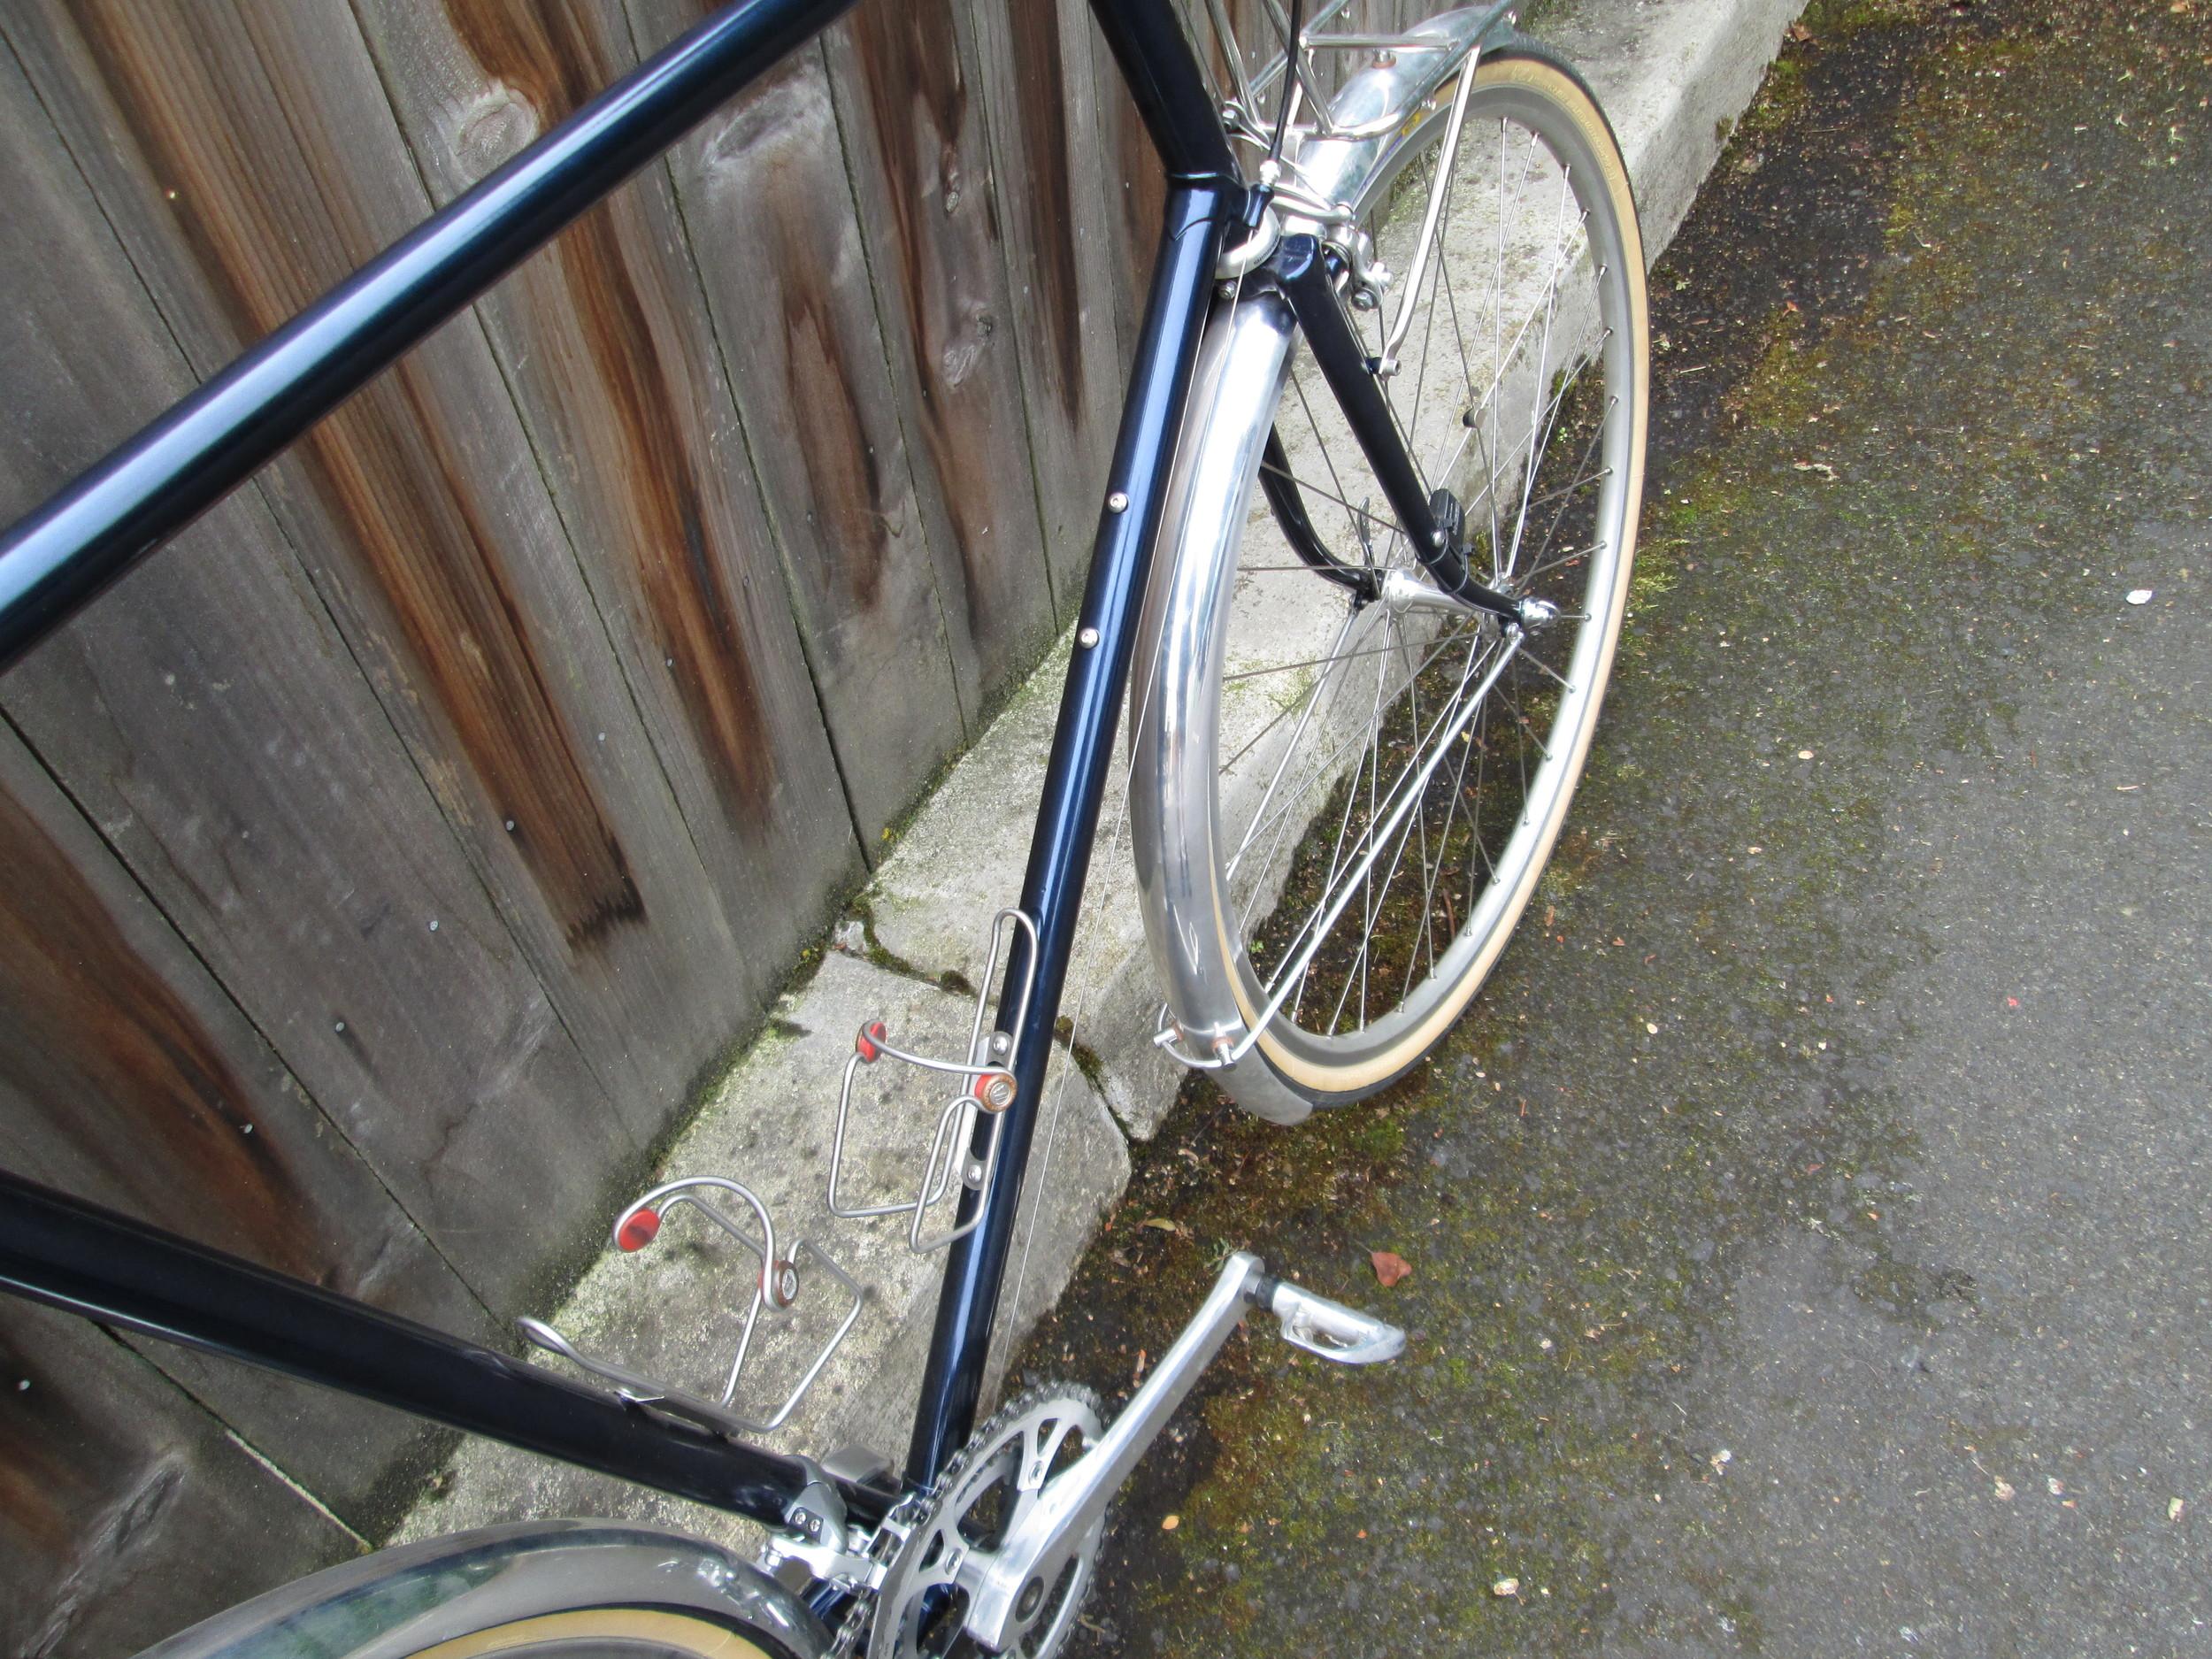 jims bike 009.JPG